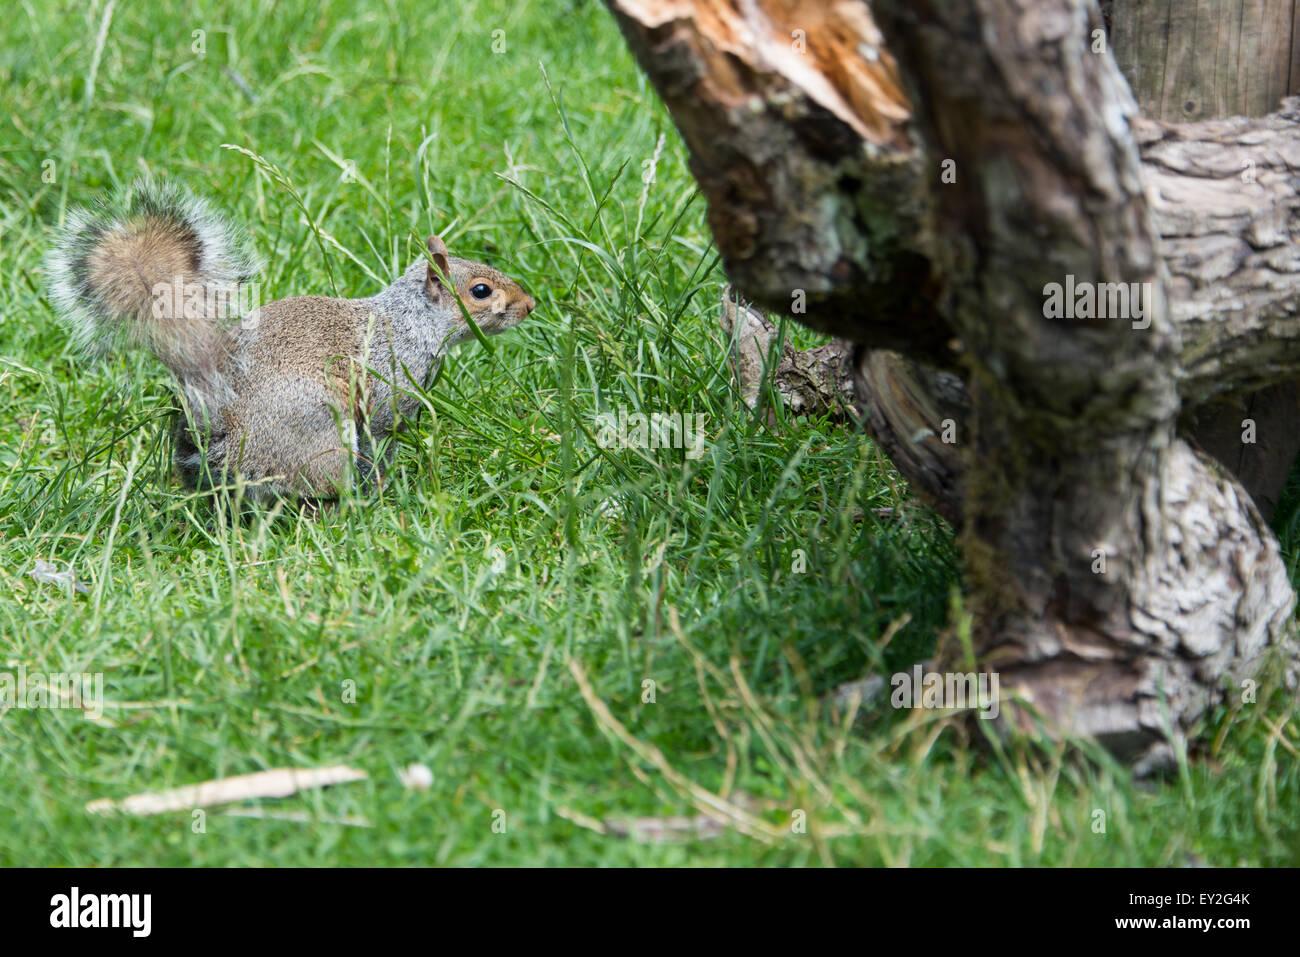 L'Écureuil gris sur la masse à Cannock Chase staffordshire uk Juillet 2015 Photo Stock